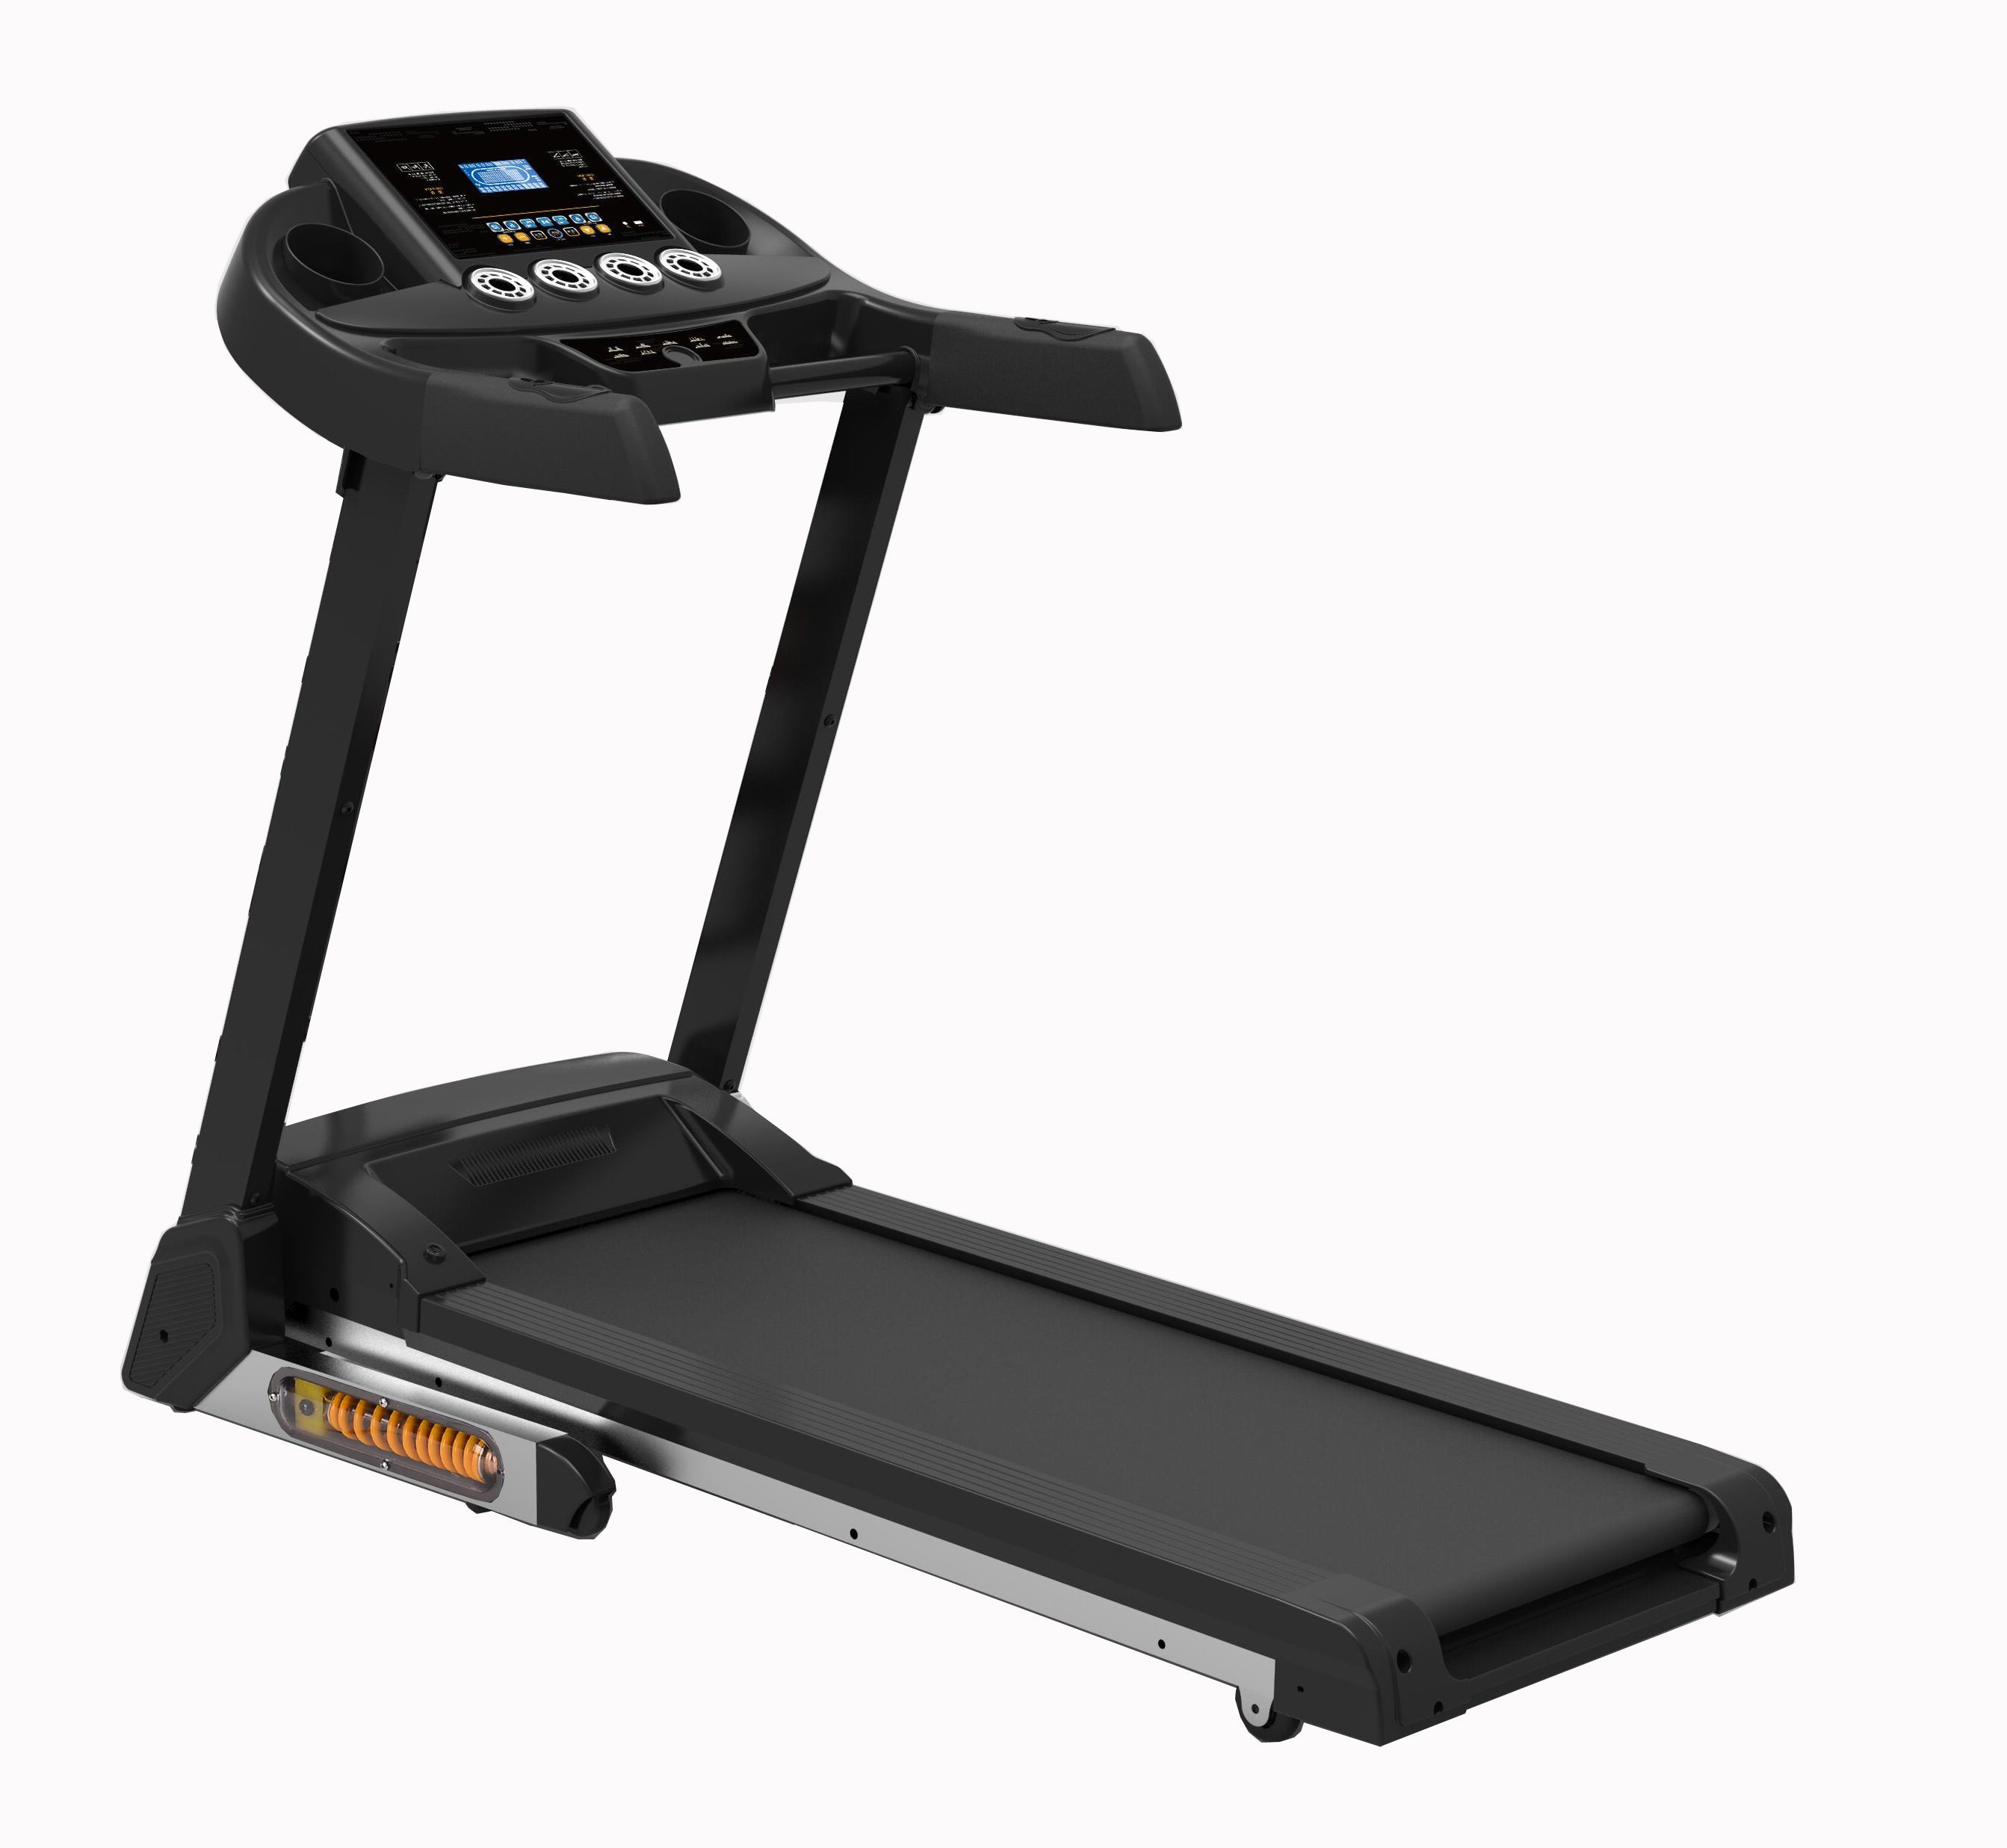 A função Bluetooth, Lubrificação Automática, Fitness, Esteira